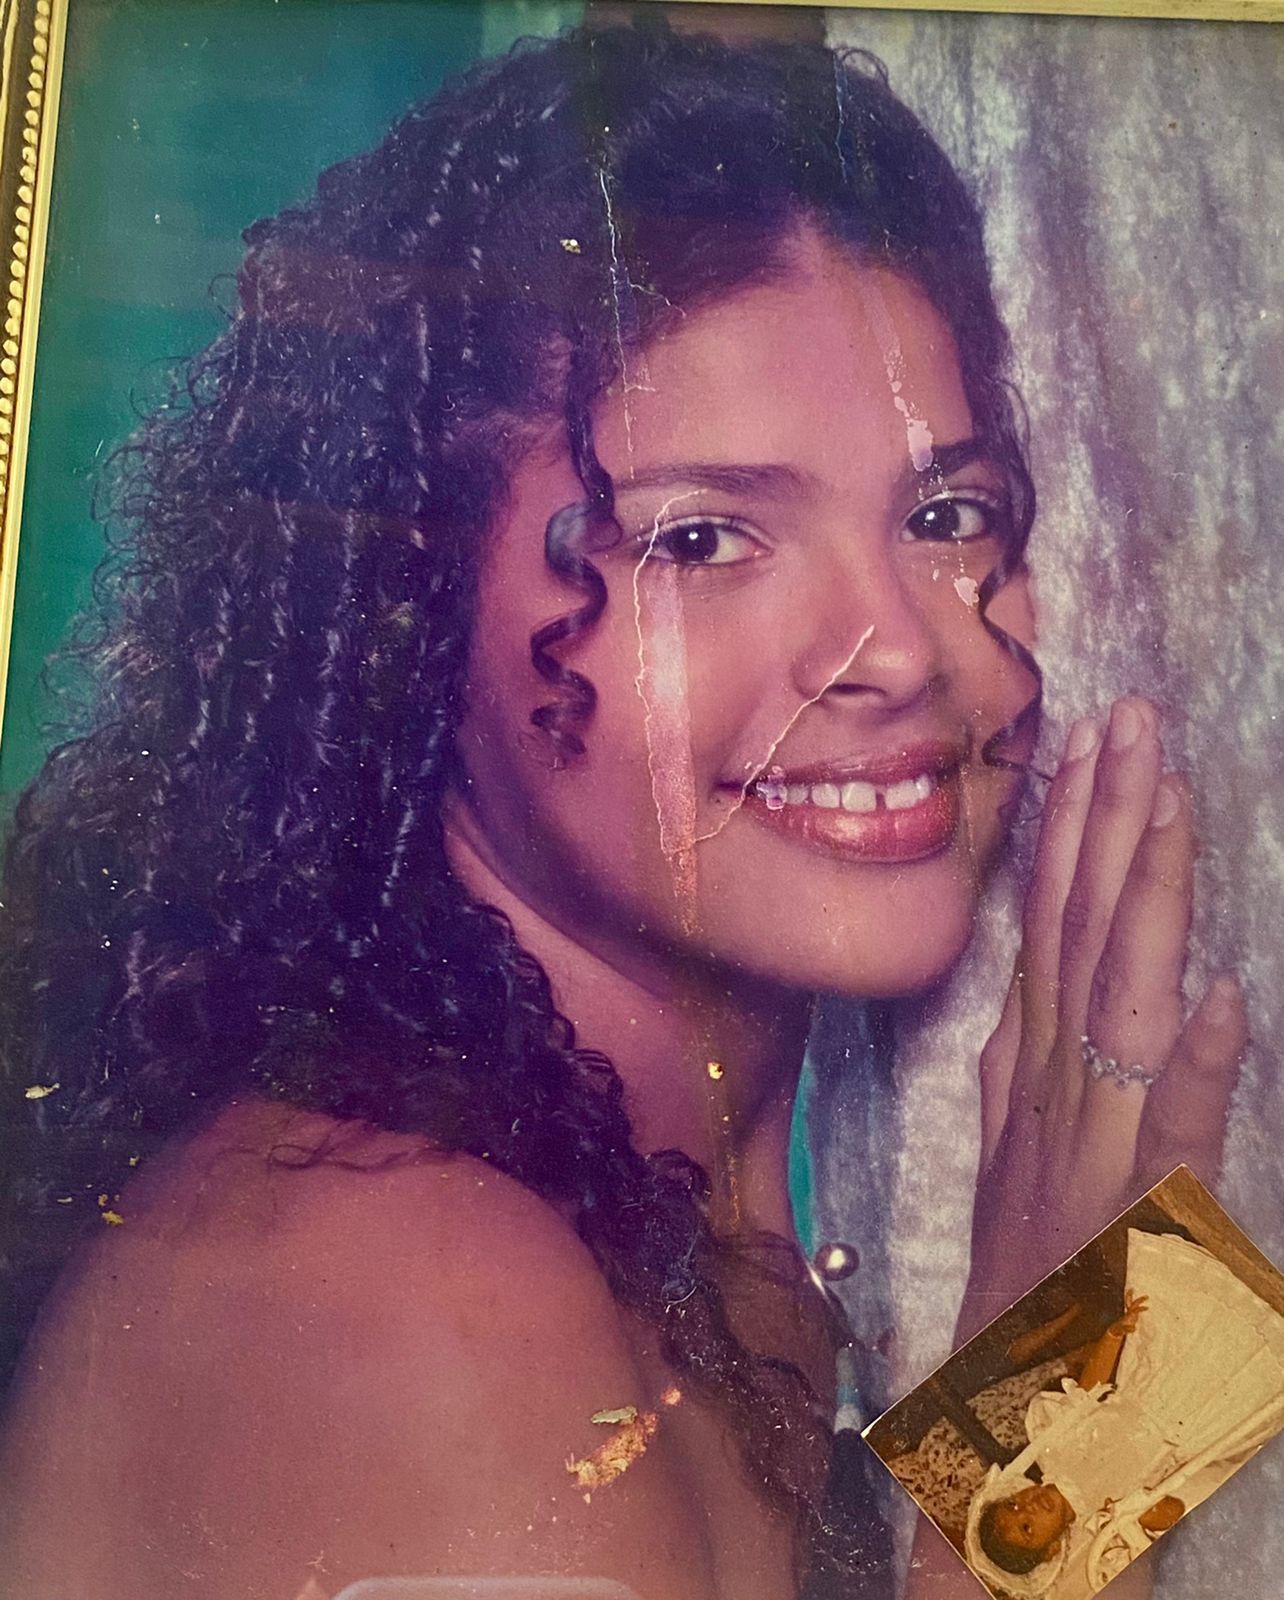 Gyselle Soares com 15 anos em ensaio fotográfico - Foto: Arquivo Pessoal